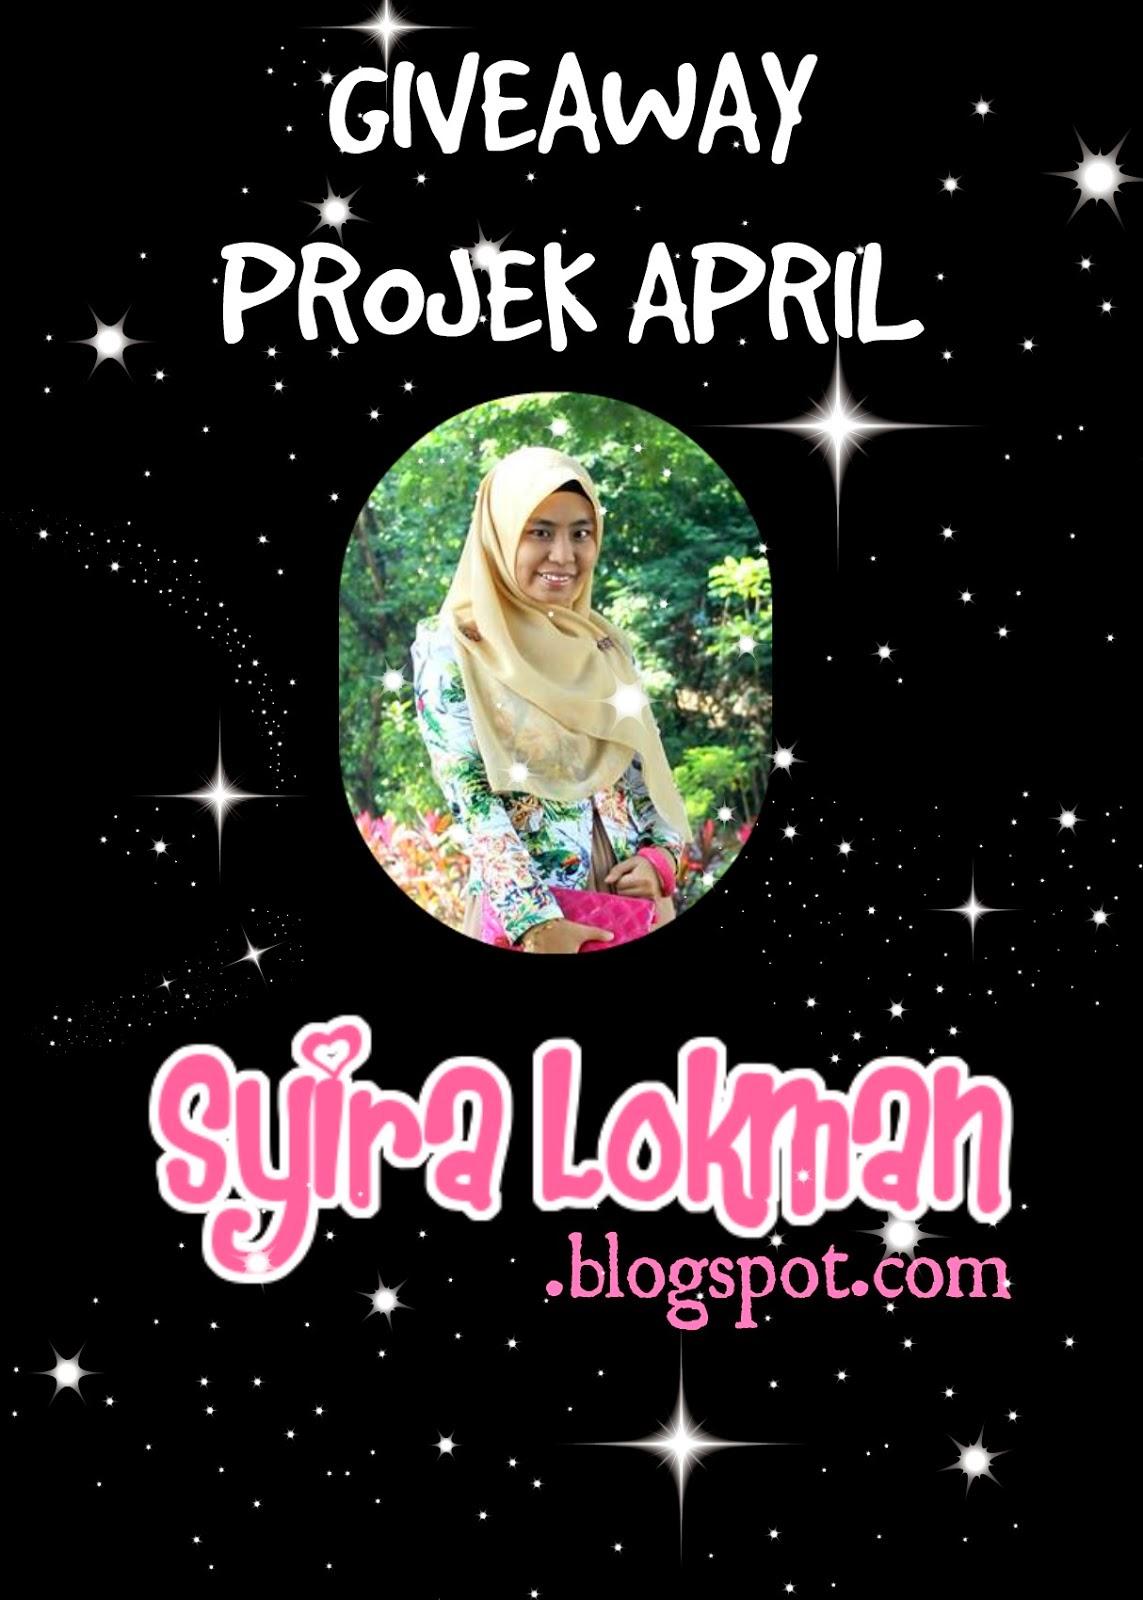 Giveaway PROJEK APRIL by Syira Lokman